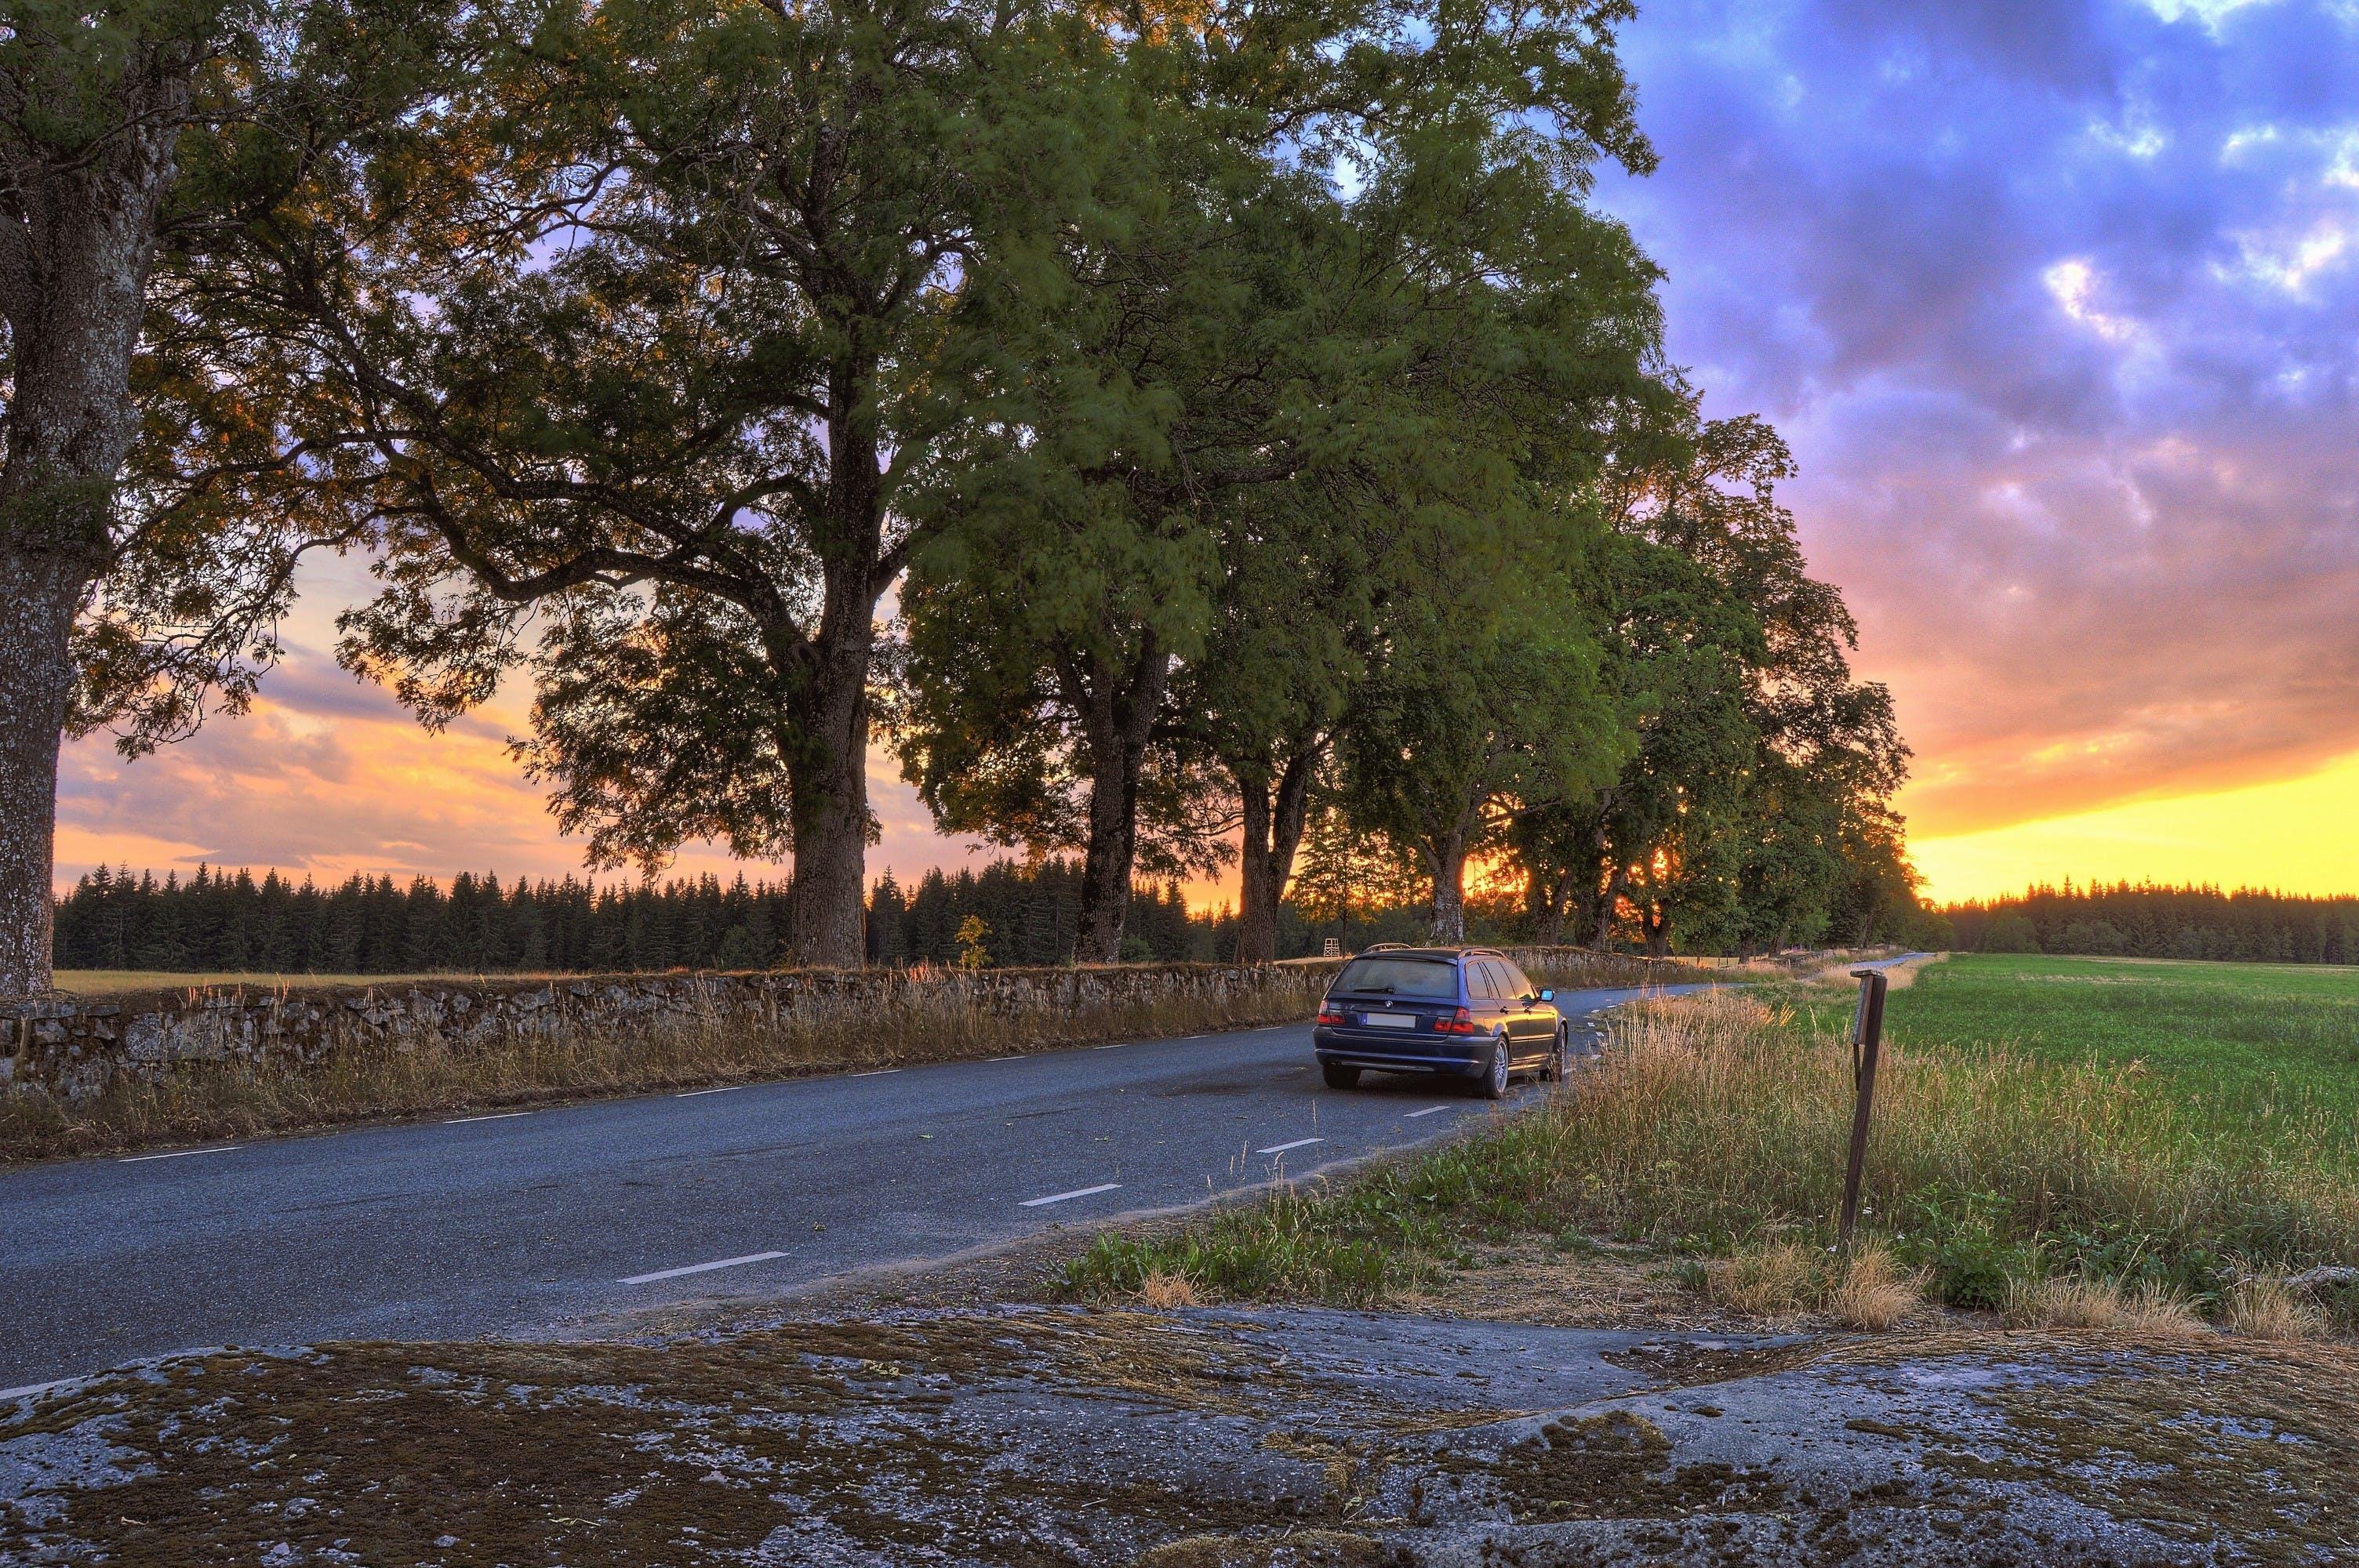 Fotos de stock gratuitas de amanecer, arboles, carretera, coche